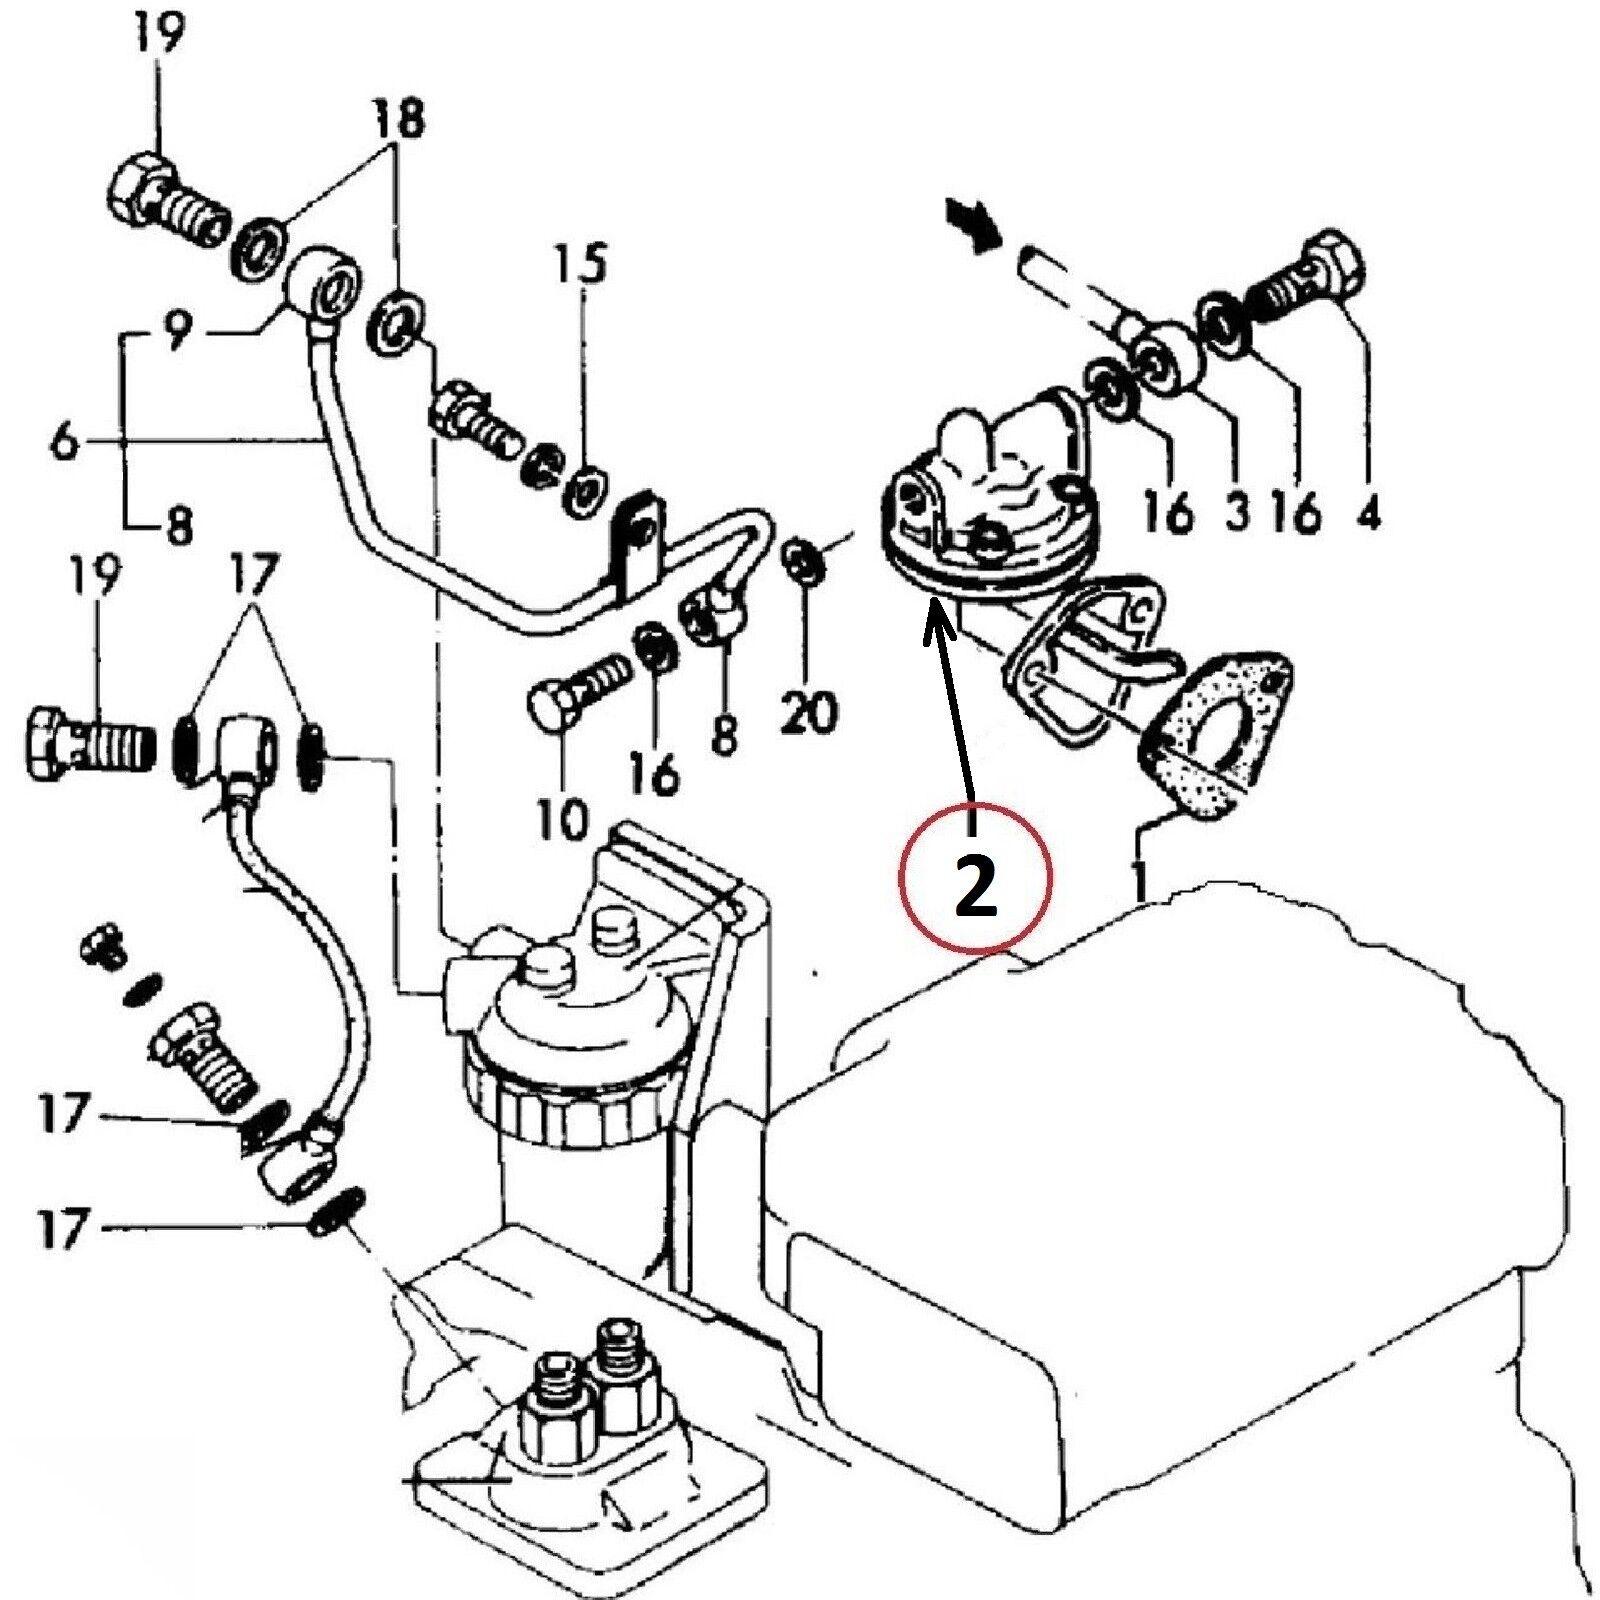 2 Boiler Piping Diagram